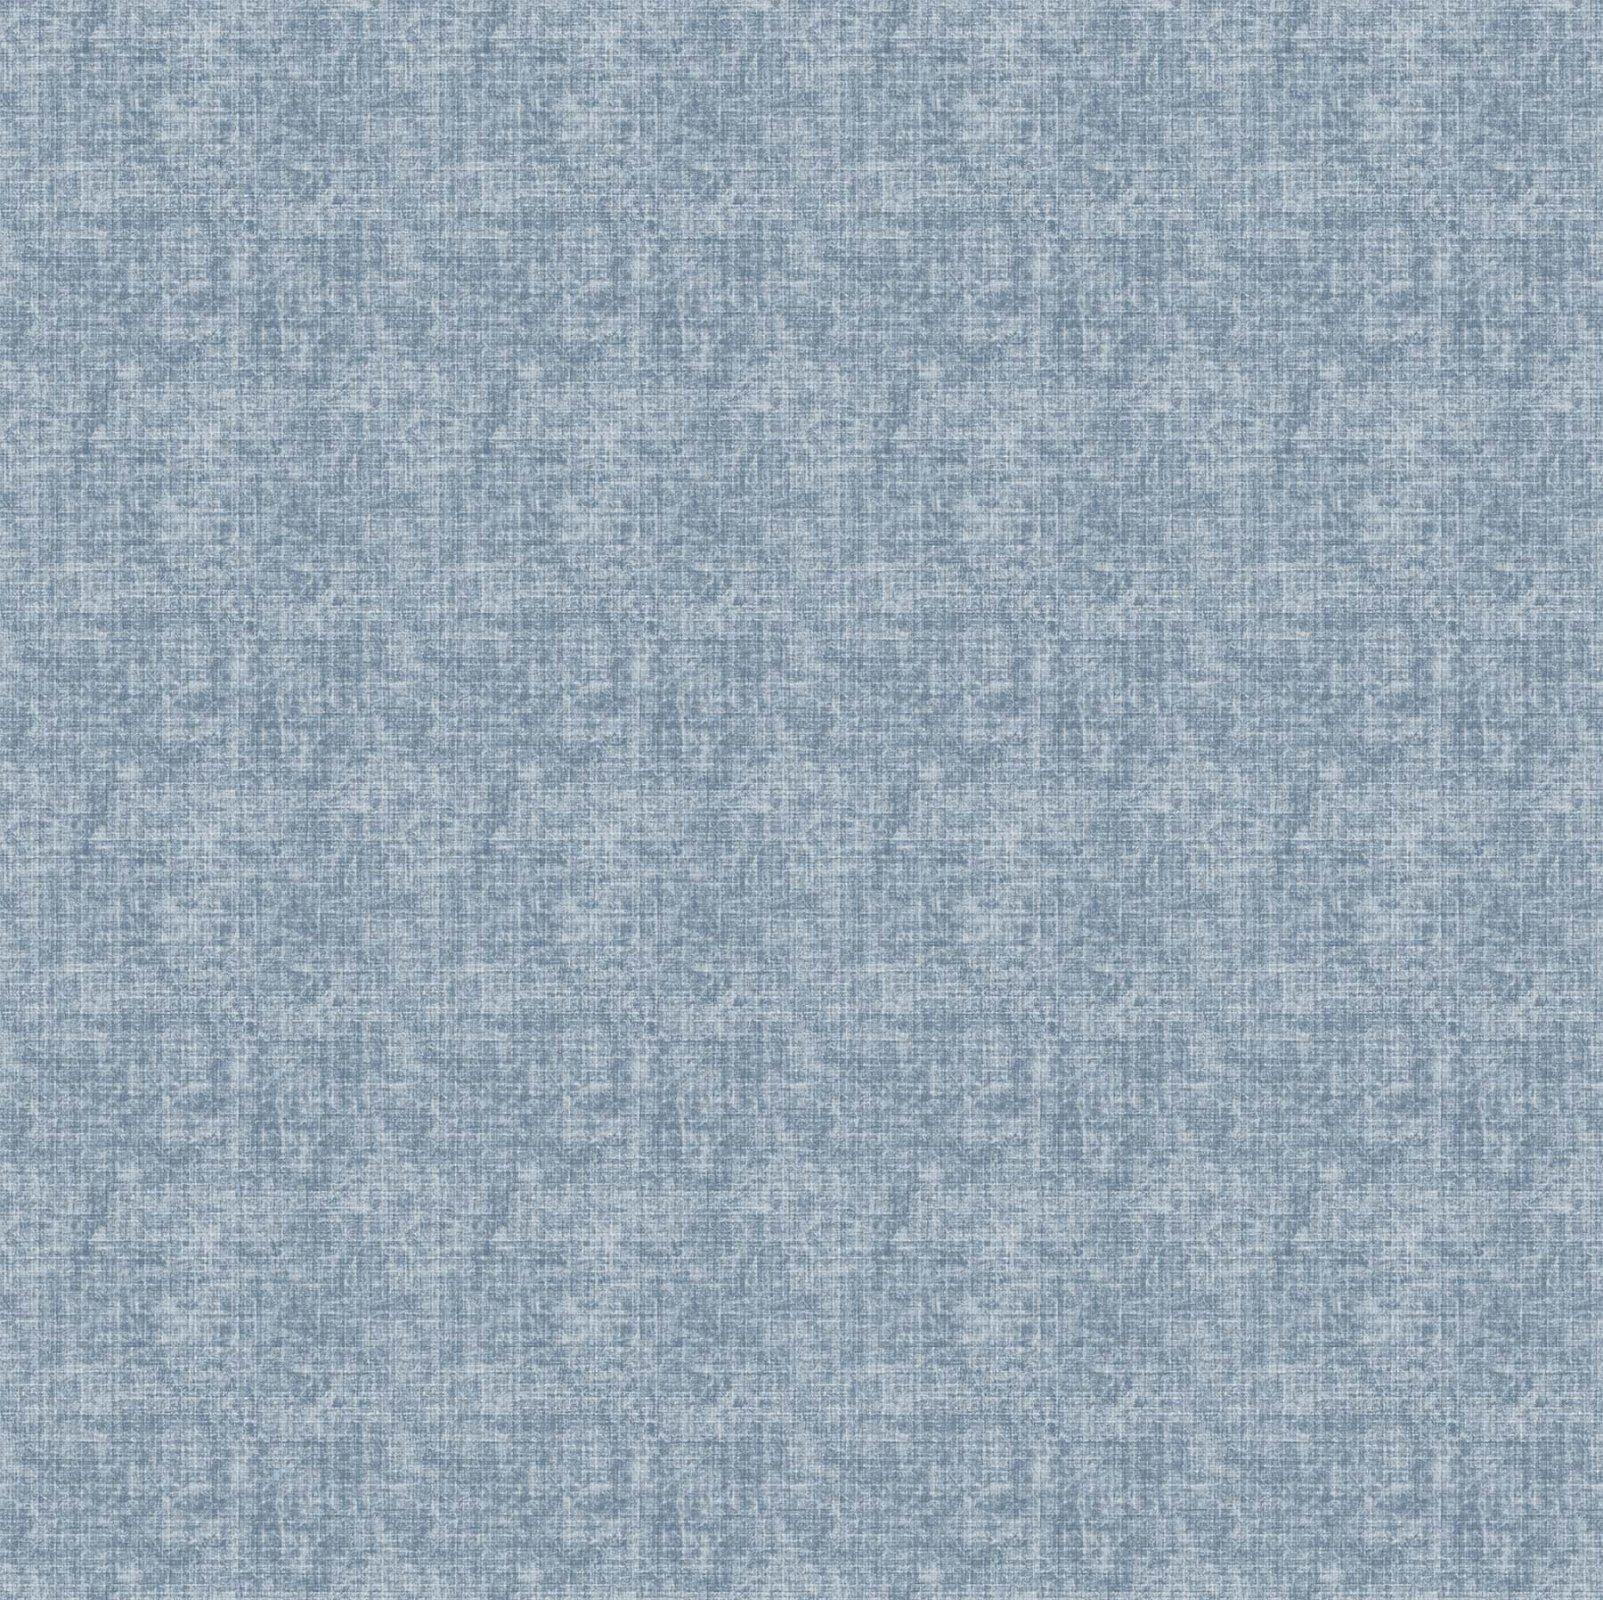 City Lights Linen Texture Lt. Blue